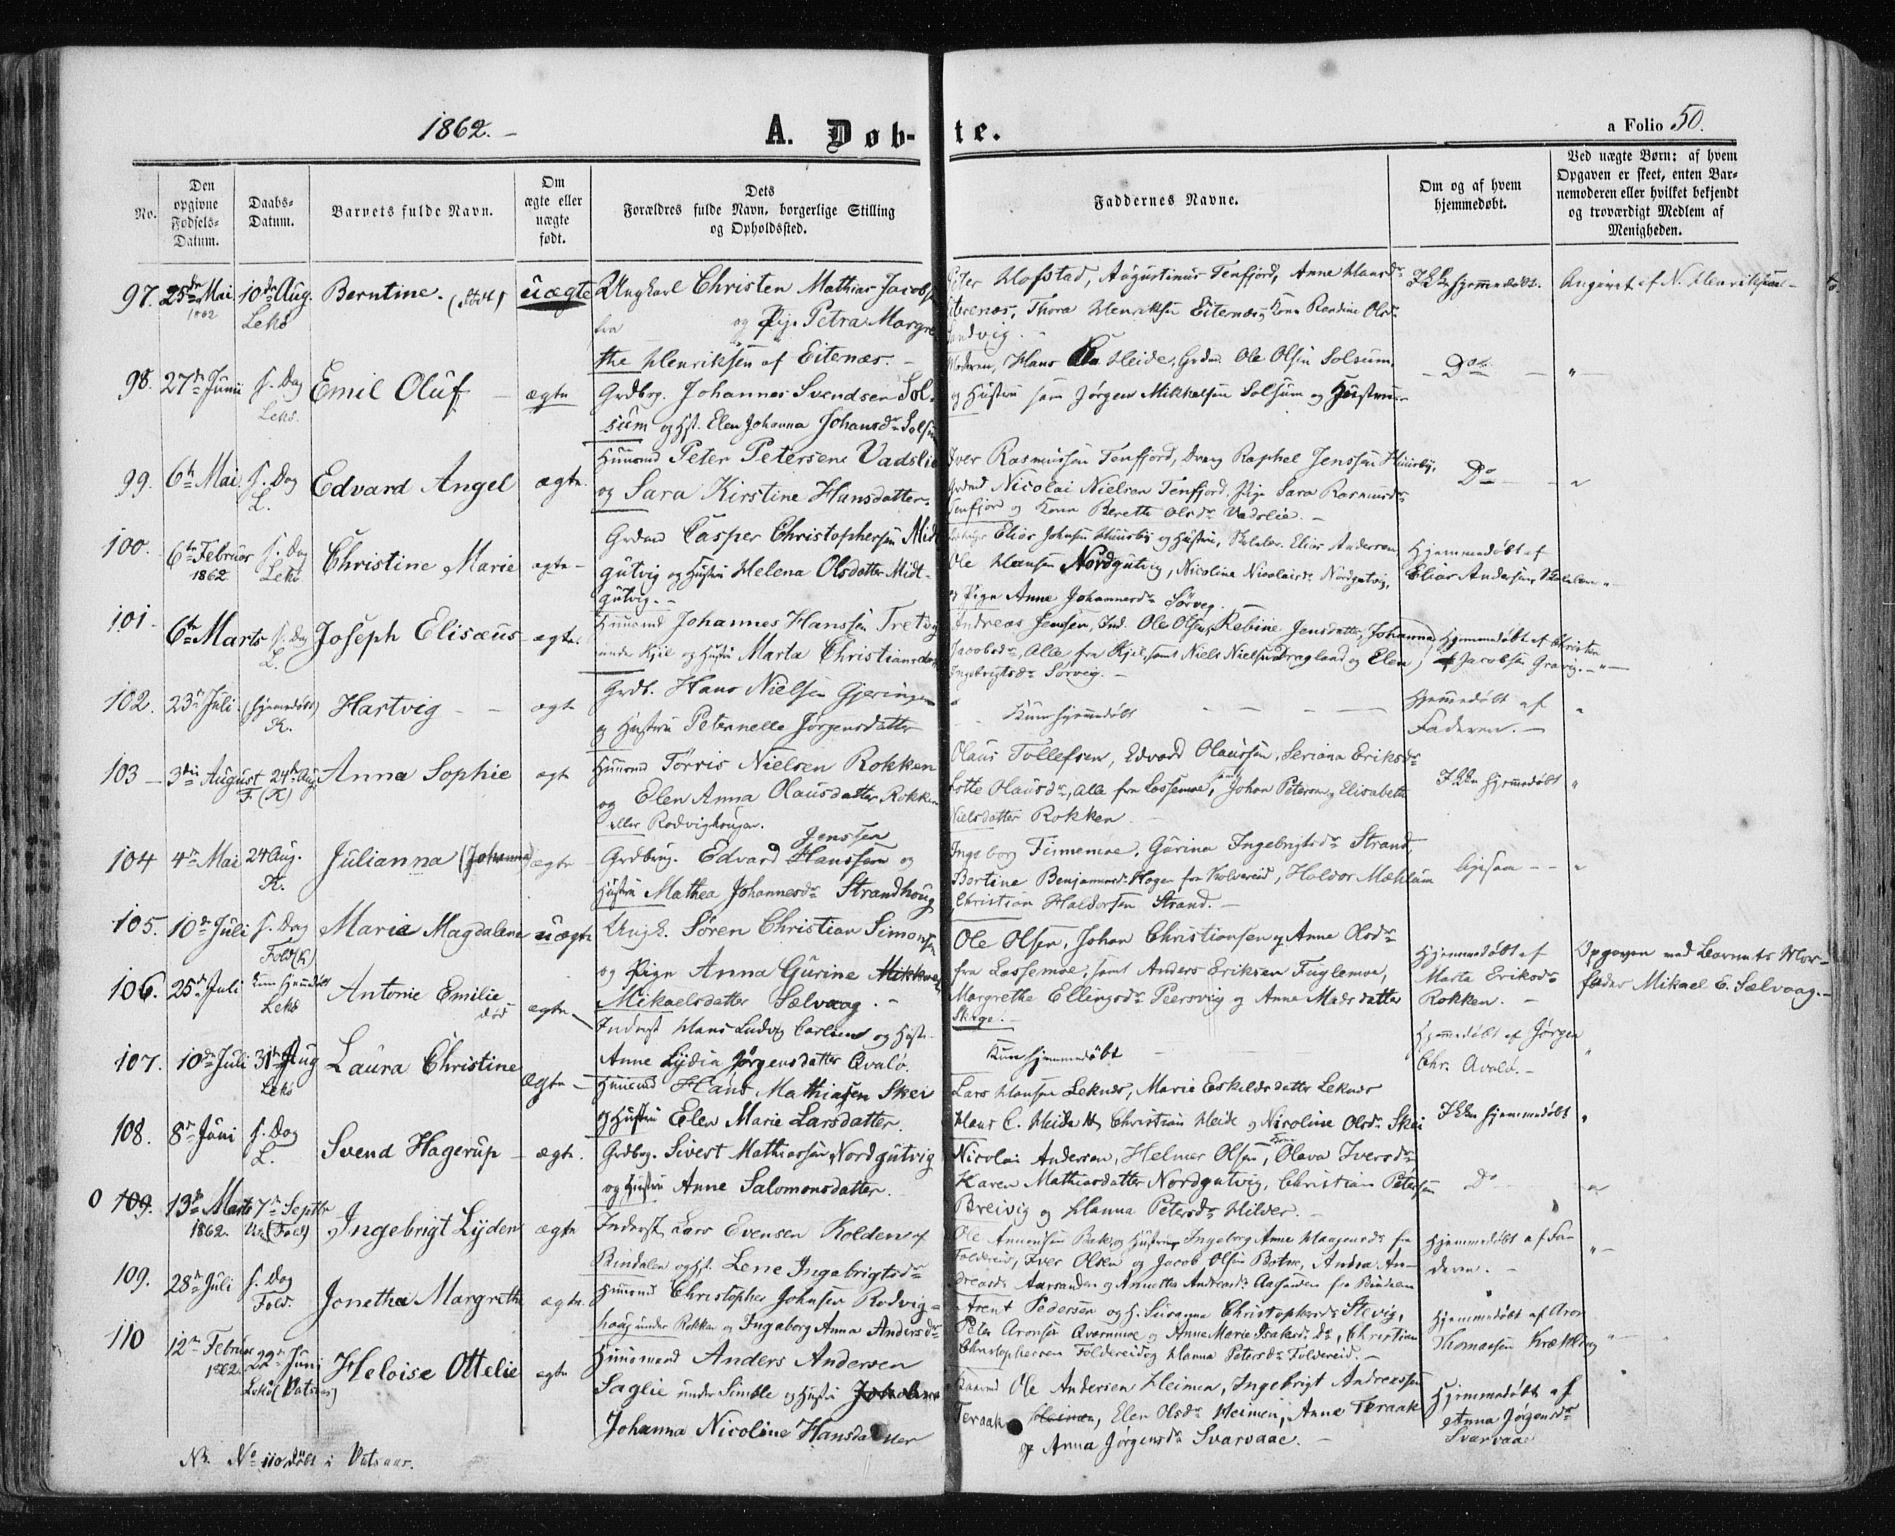 SAT, Ministerialprotokoller, klokkerbøker og fødselsregistre - Nord-Trøndelag, 780/L0641: Ministerialbok nr. 780A06, 1857-1874, s. 50